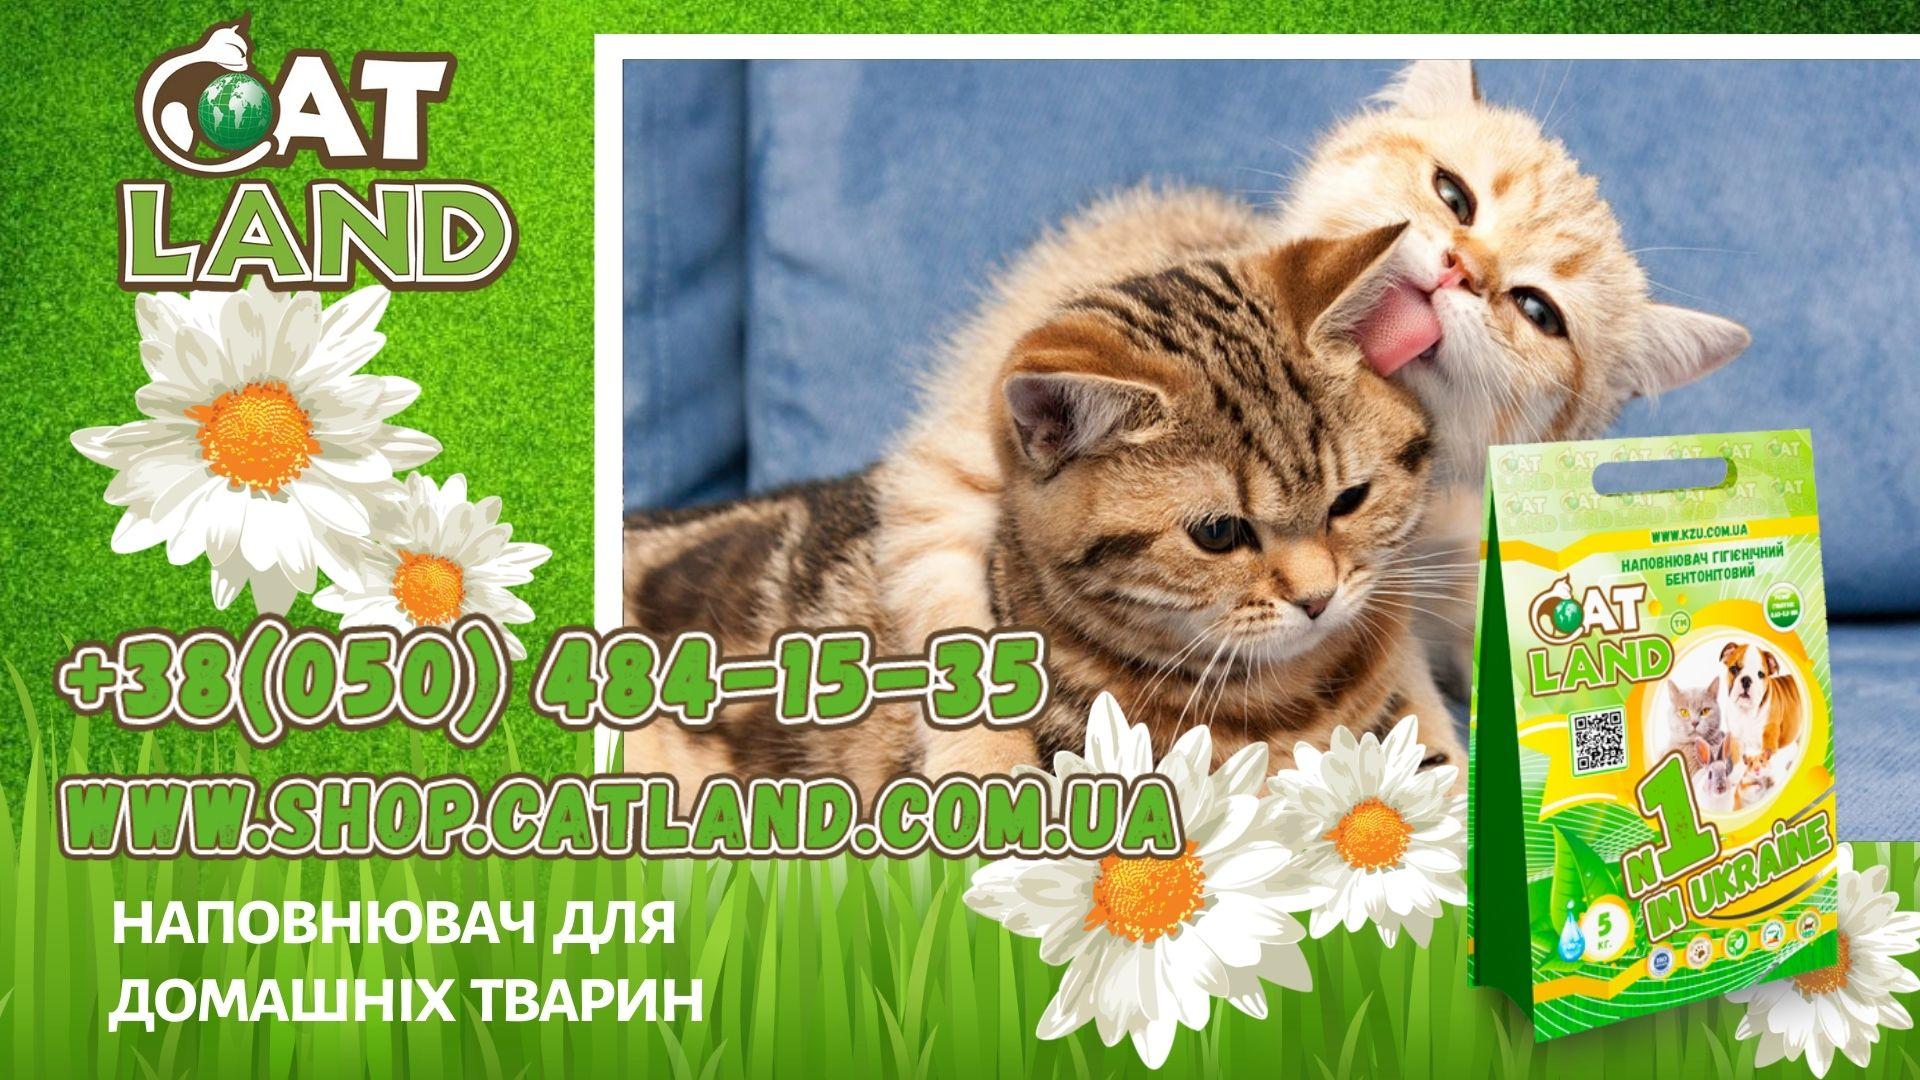 Обирай Cat Land - ідеальний наповнювач для кішки